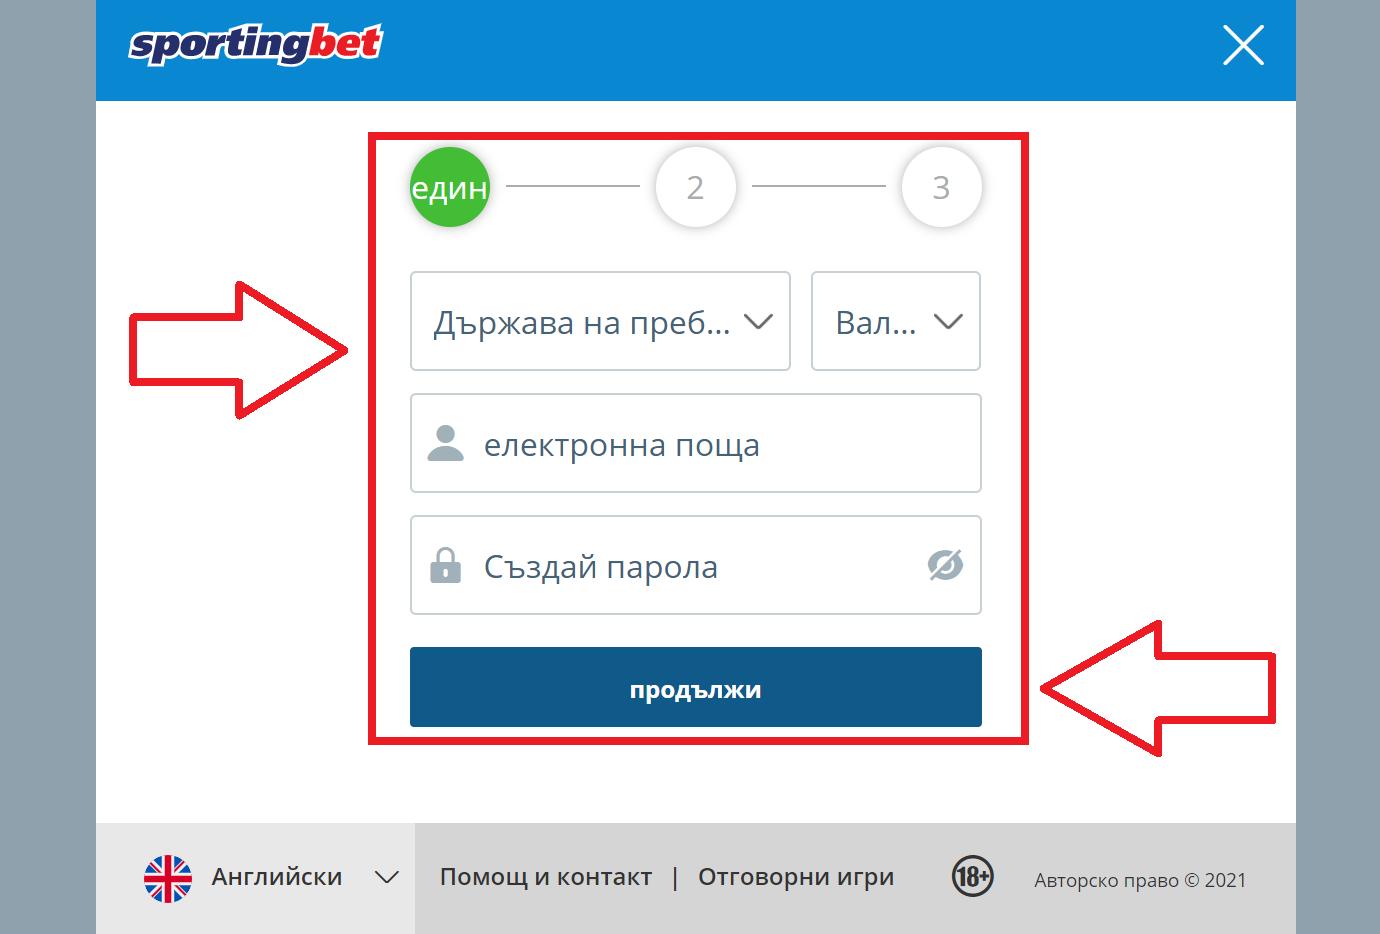 Как изглежда Sportingbet регистрацията?